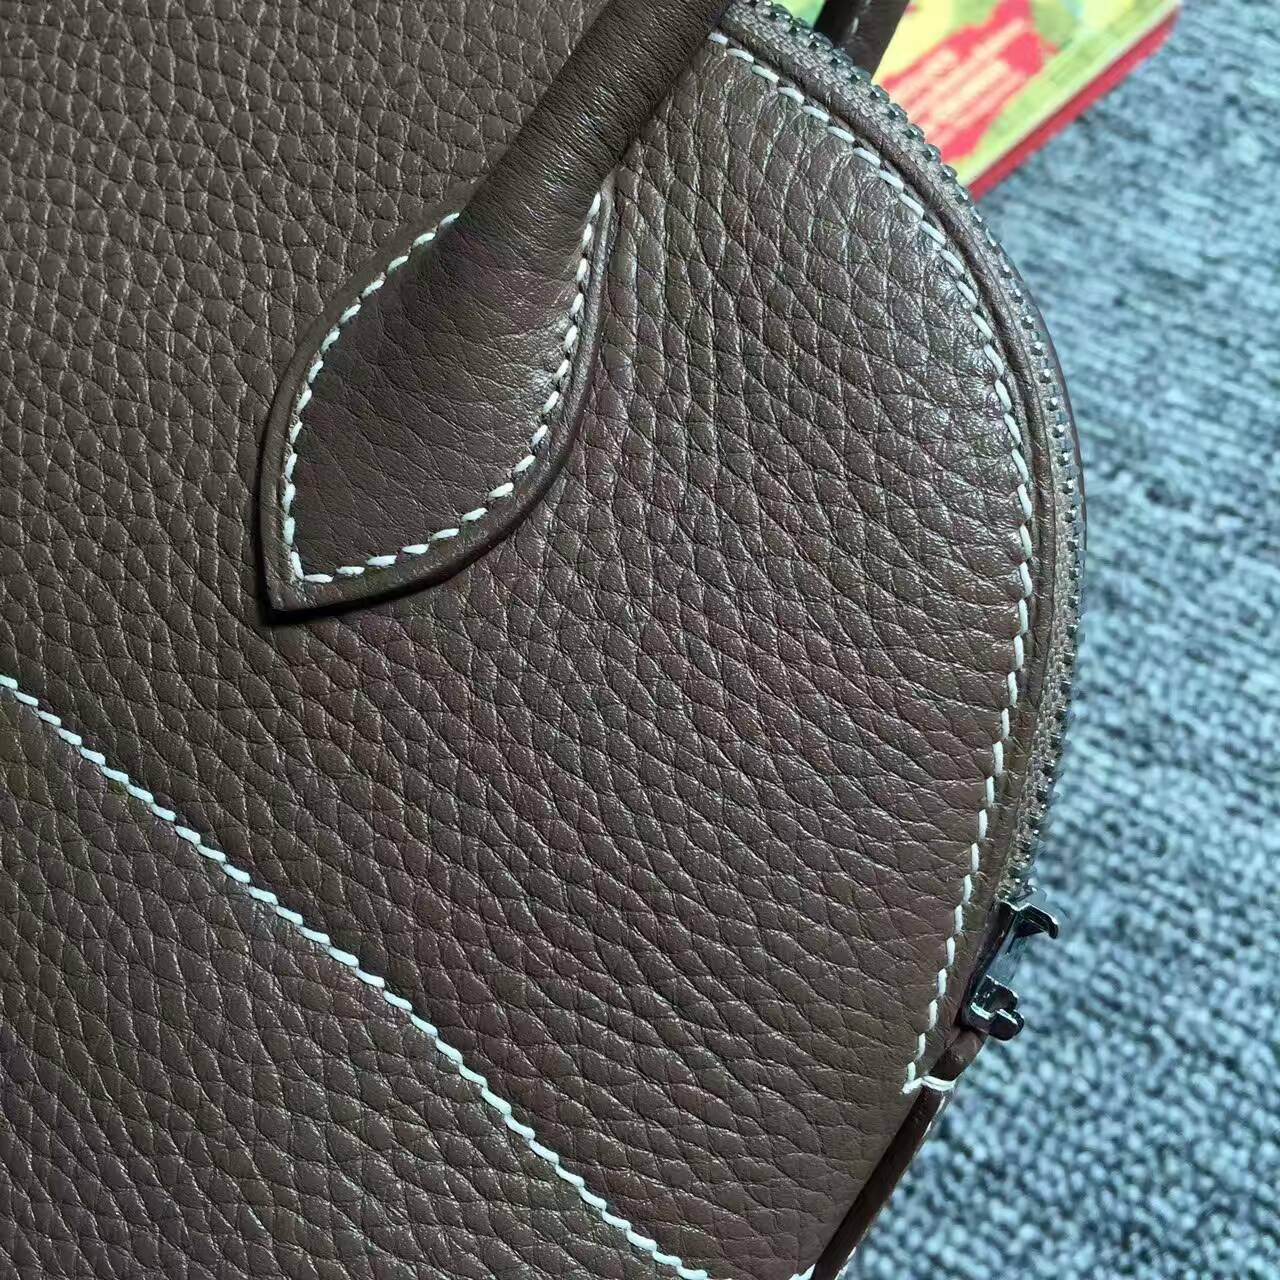 Hot Sale Hermes C18 Etoupe Grey Togo Calfskin leather Bolide Bag27cm